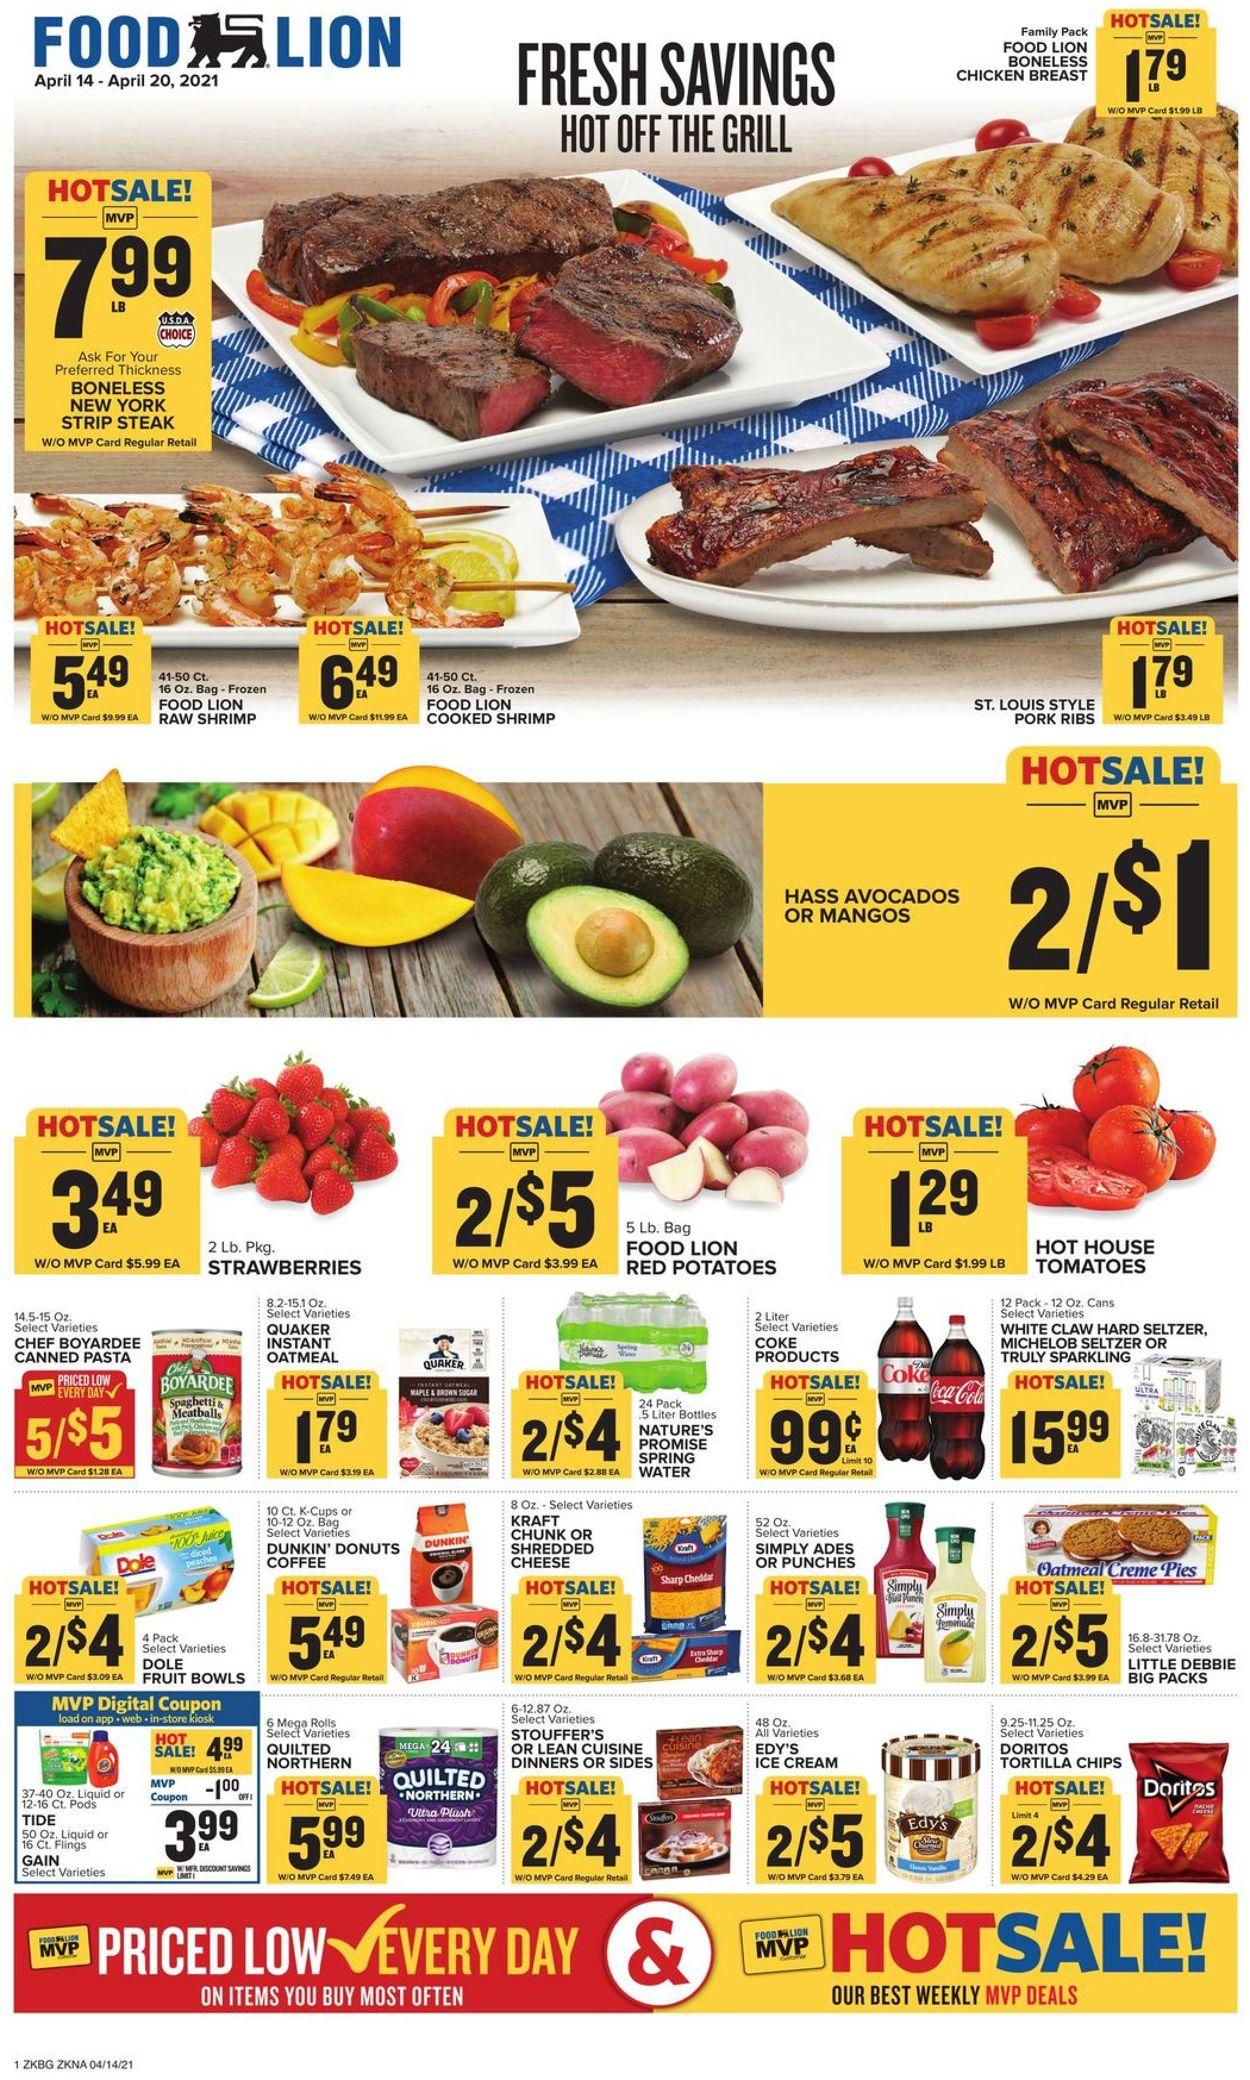 Food Lion Weekly Ad Circular - valid 04/14-04/20/2021